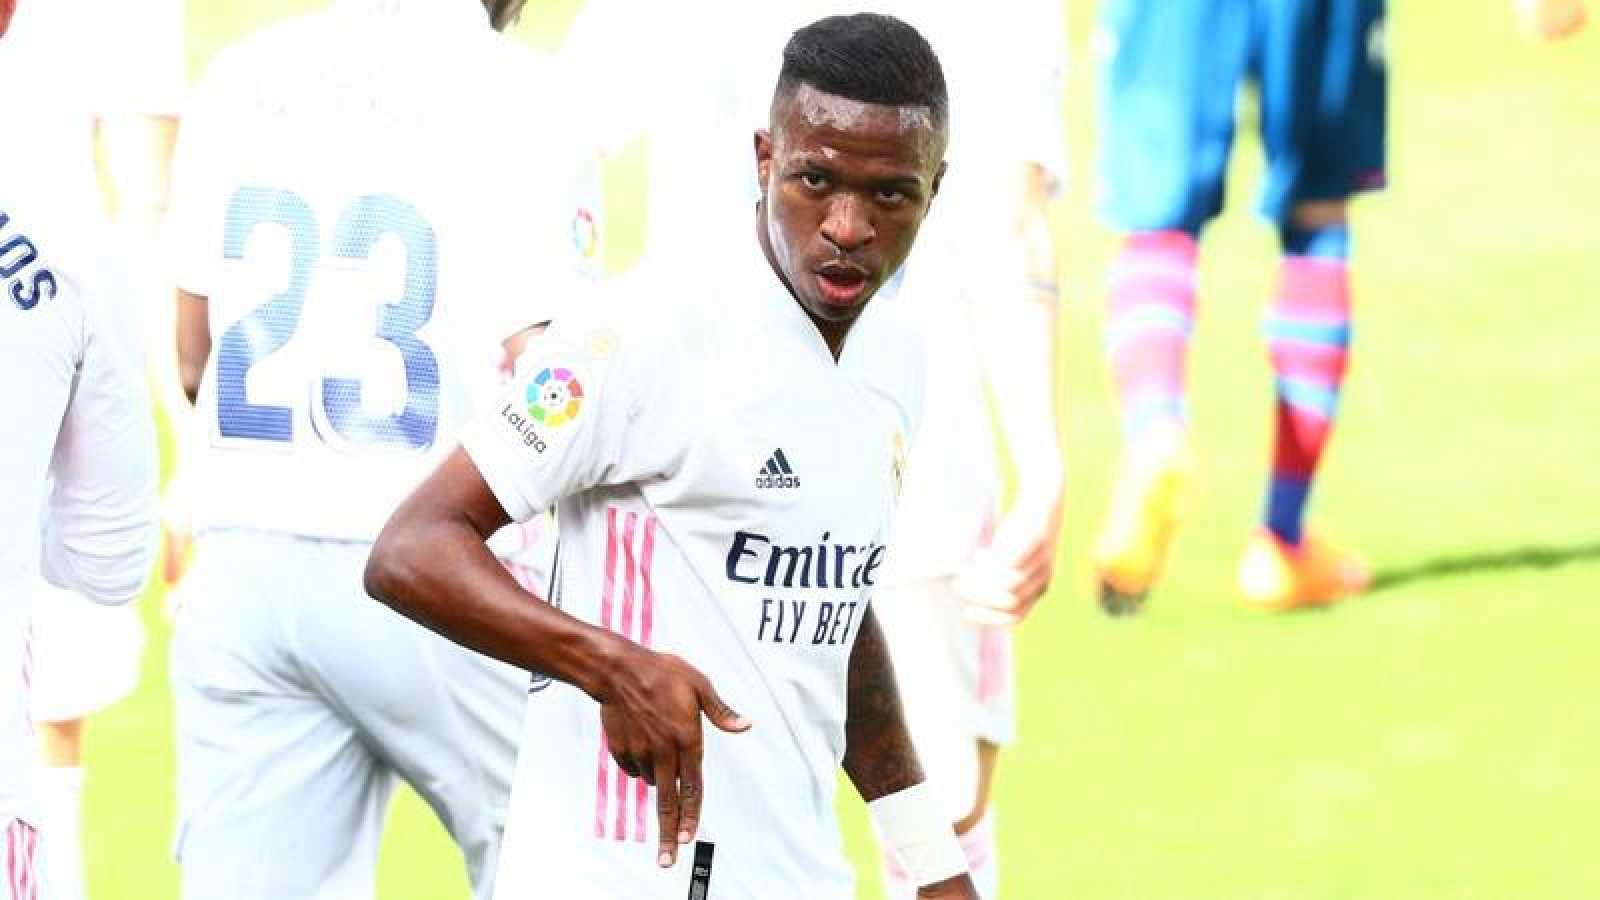 El jugador del Real Madrid, Vinicius, celebra su tanto ante el Levante en la quinta jornada de la Liga 2020-2021.